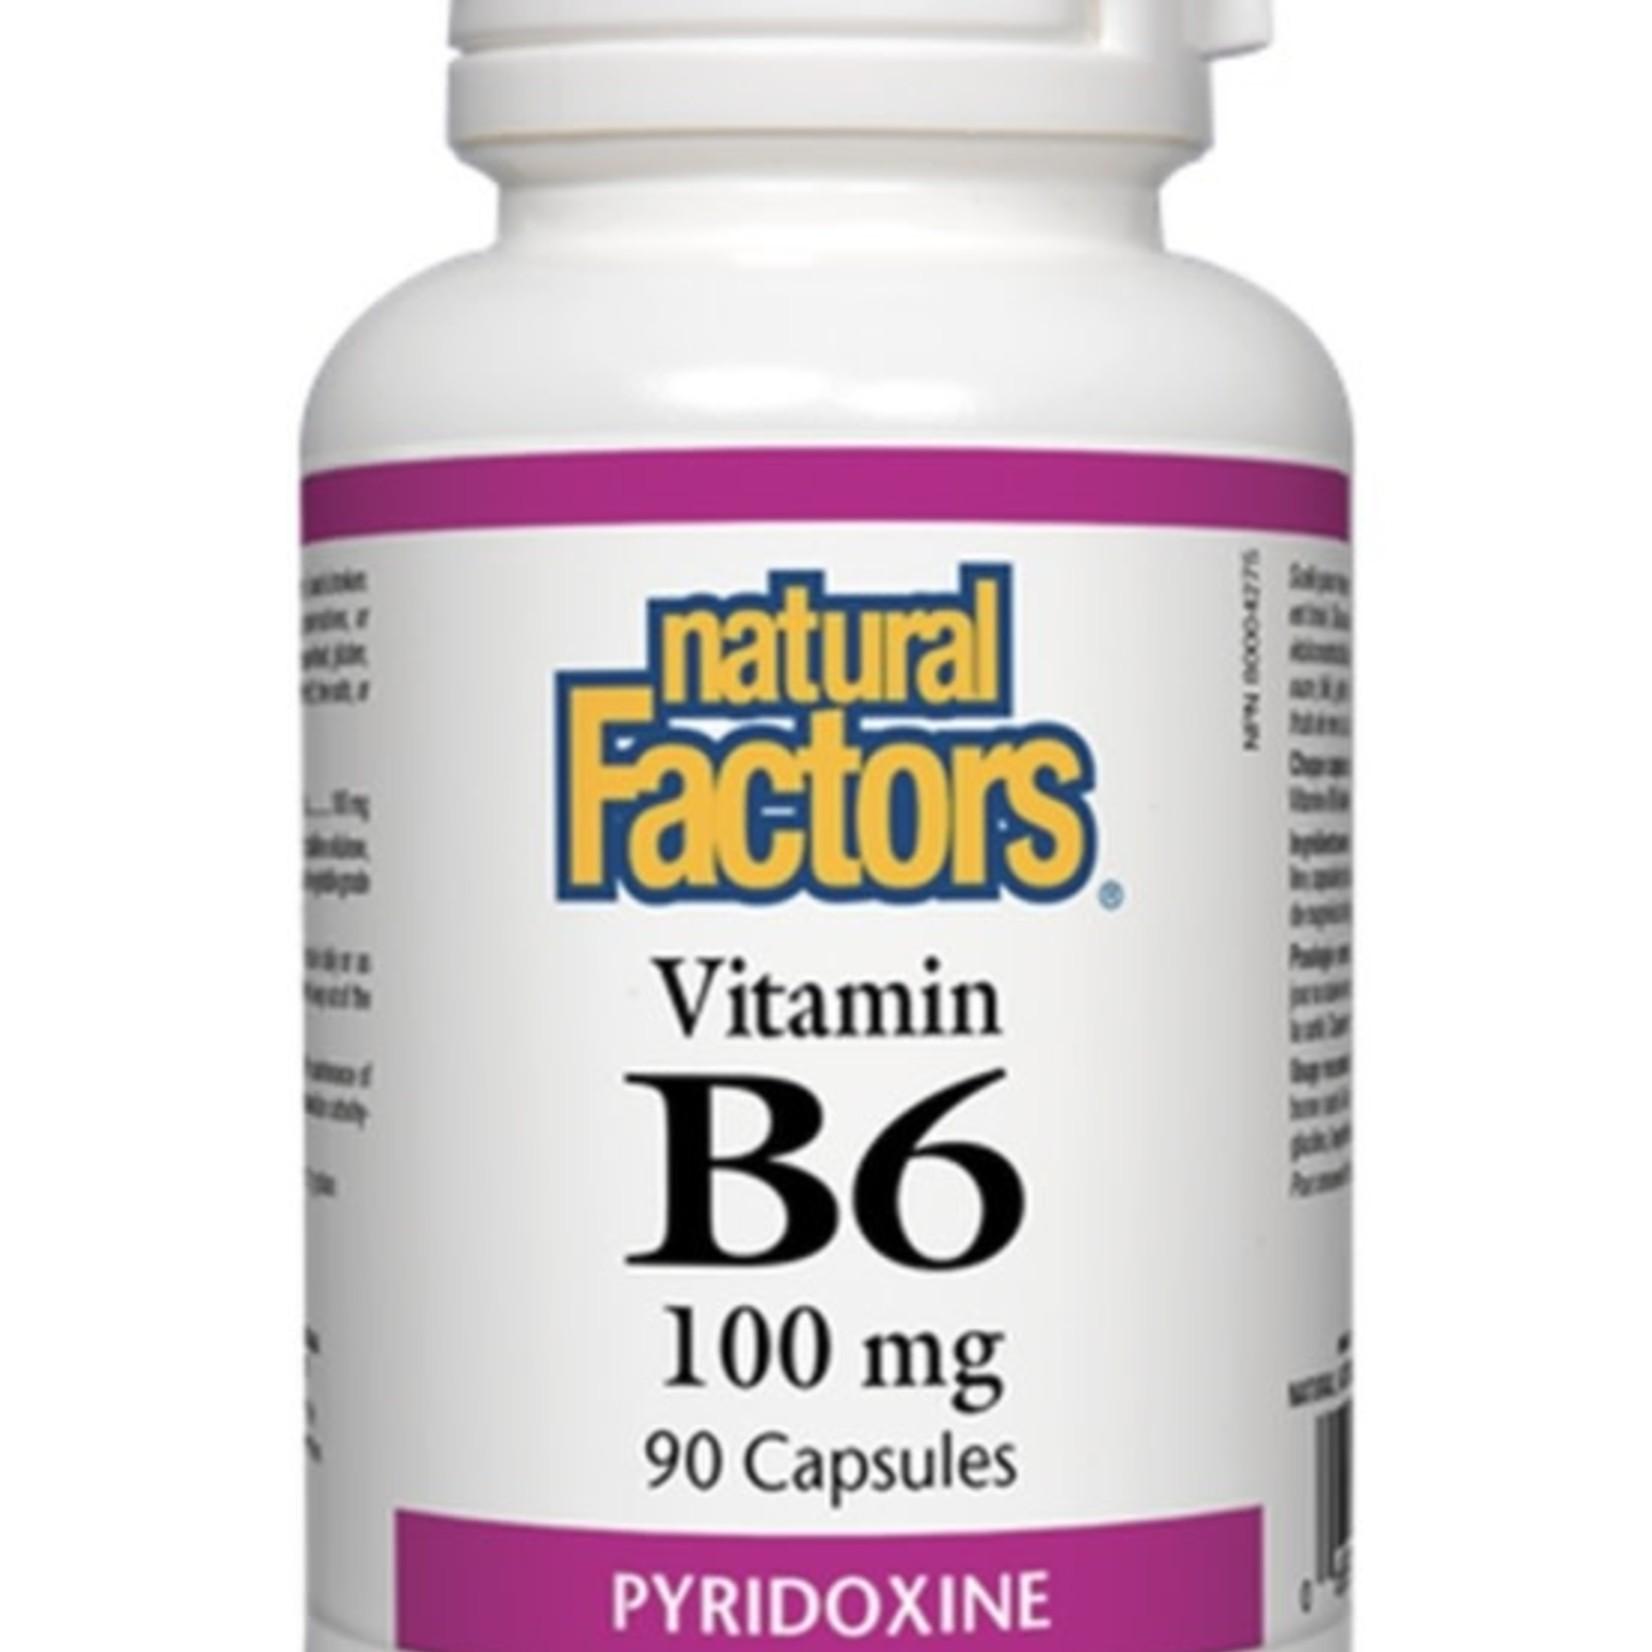 Natural Factors Natural Factors Vitamin B6 100mg 90 caps